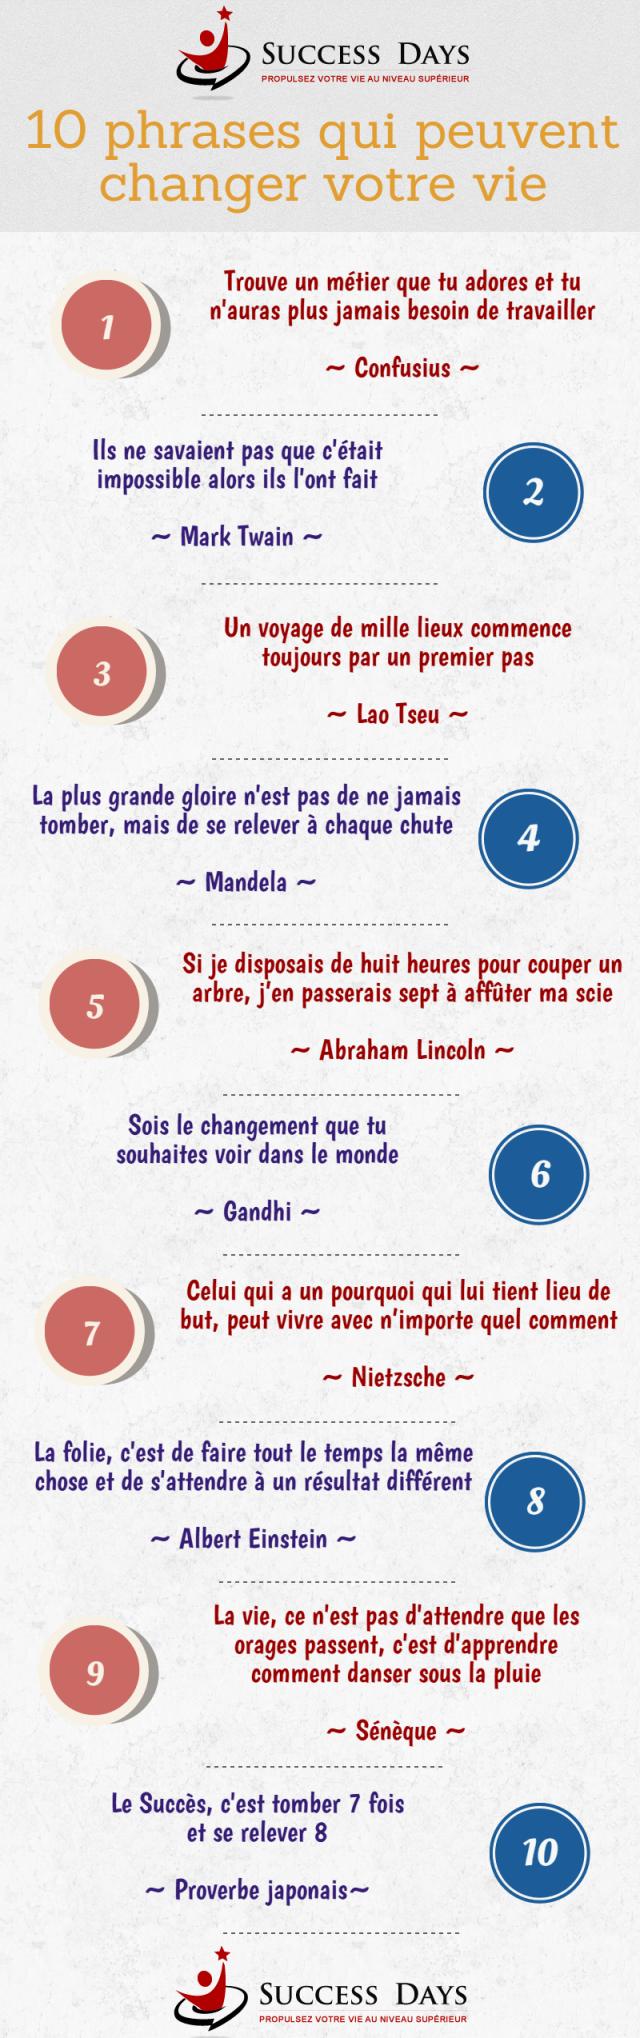 [Infographie] 10 phrases qui peuvent changer votre vie